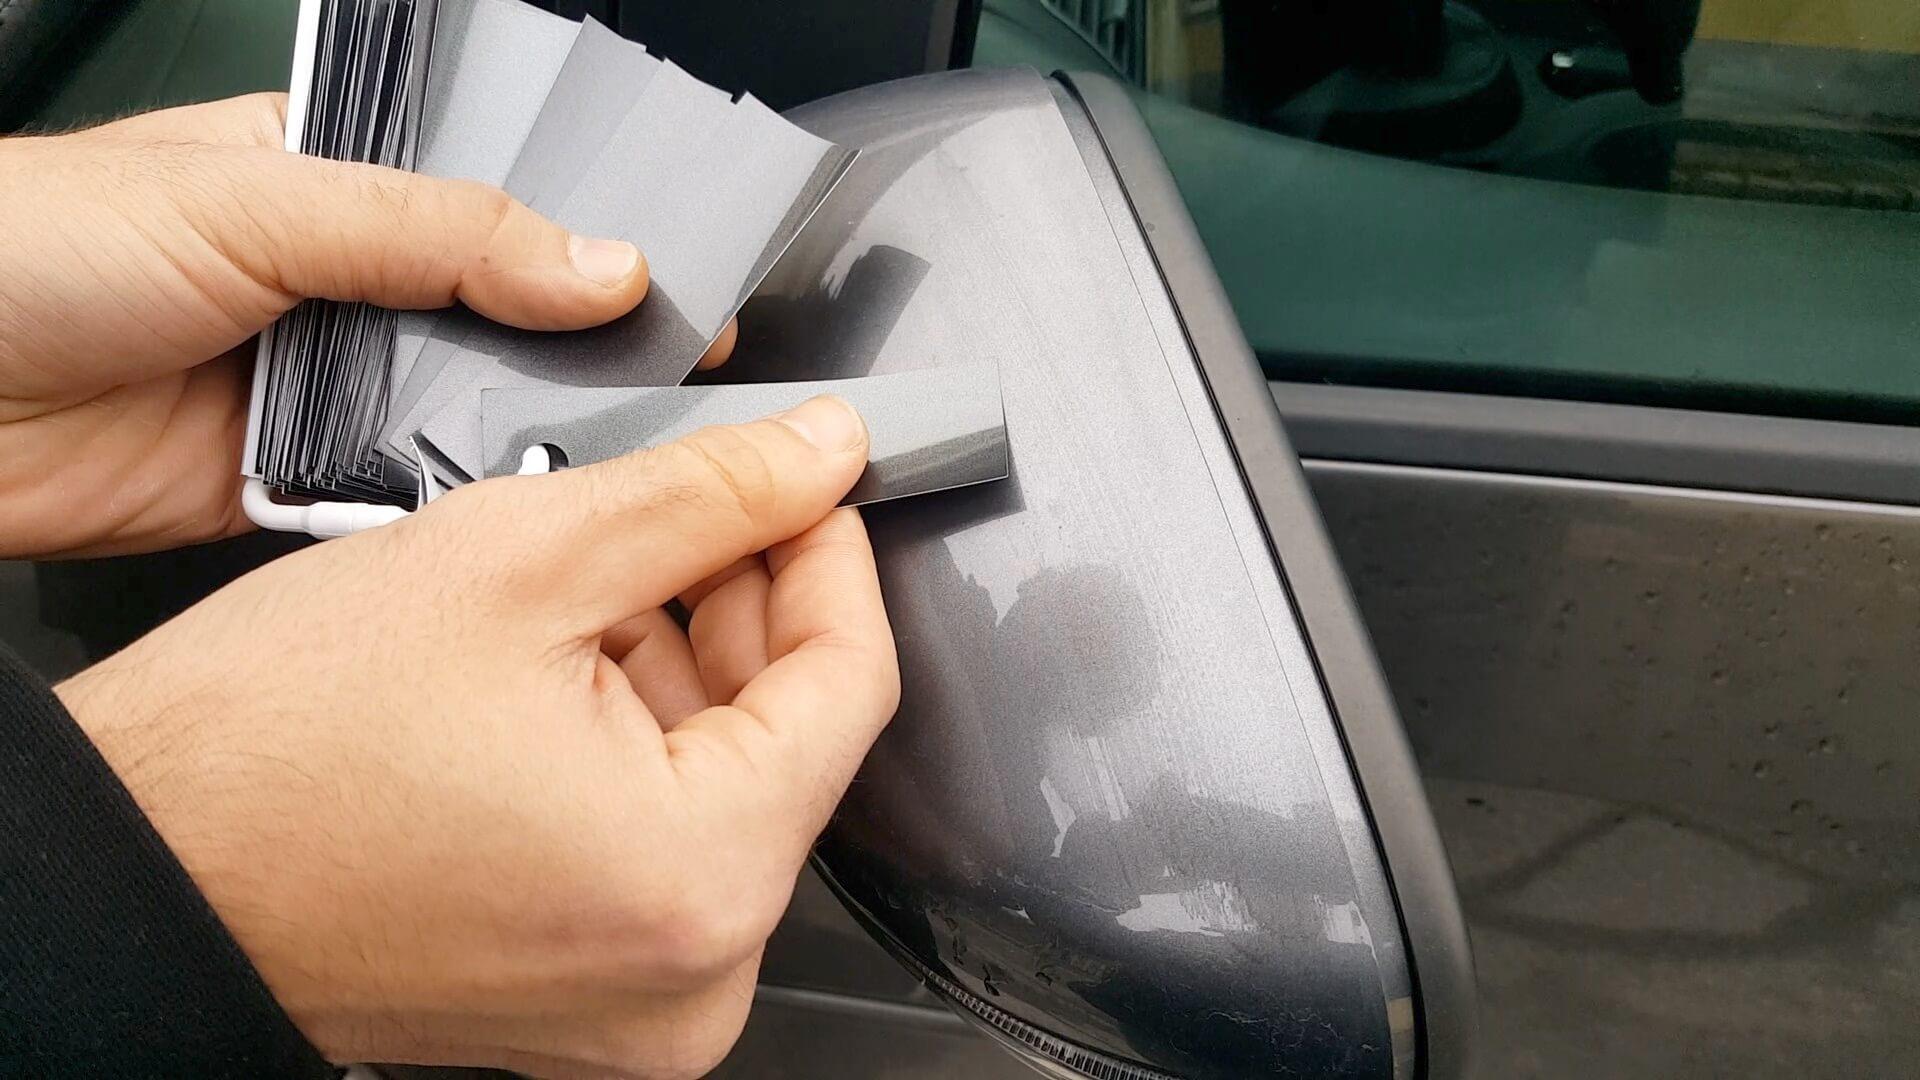 Wir kontrollieren jede Farbnummer nochmal mit dem zu Lackierenden Fahrzeug